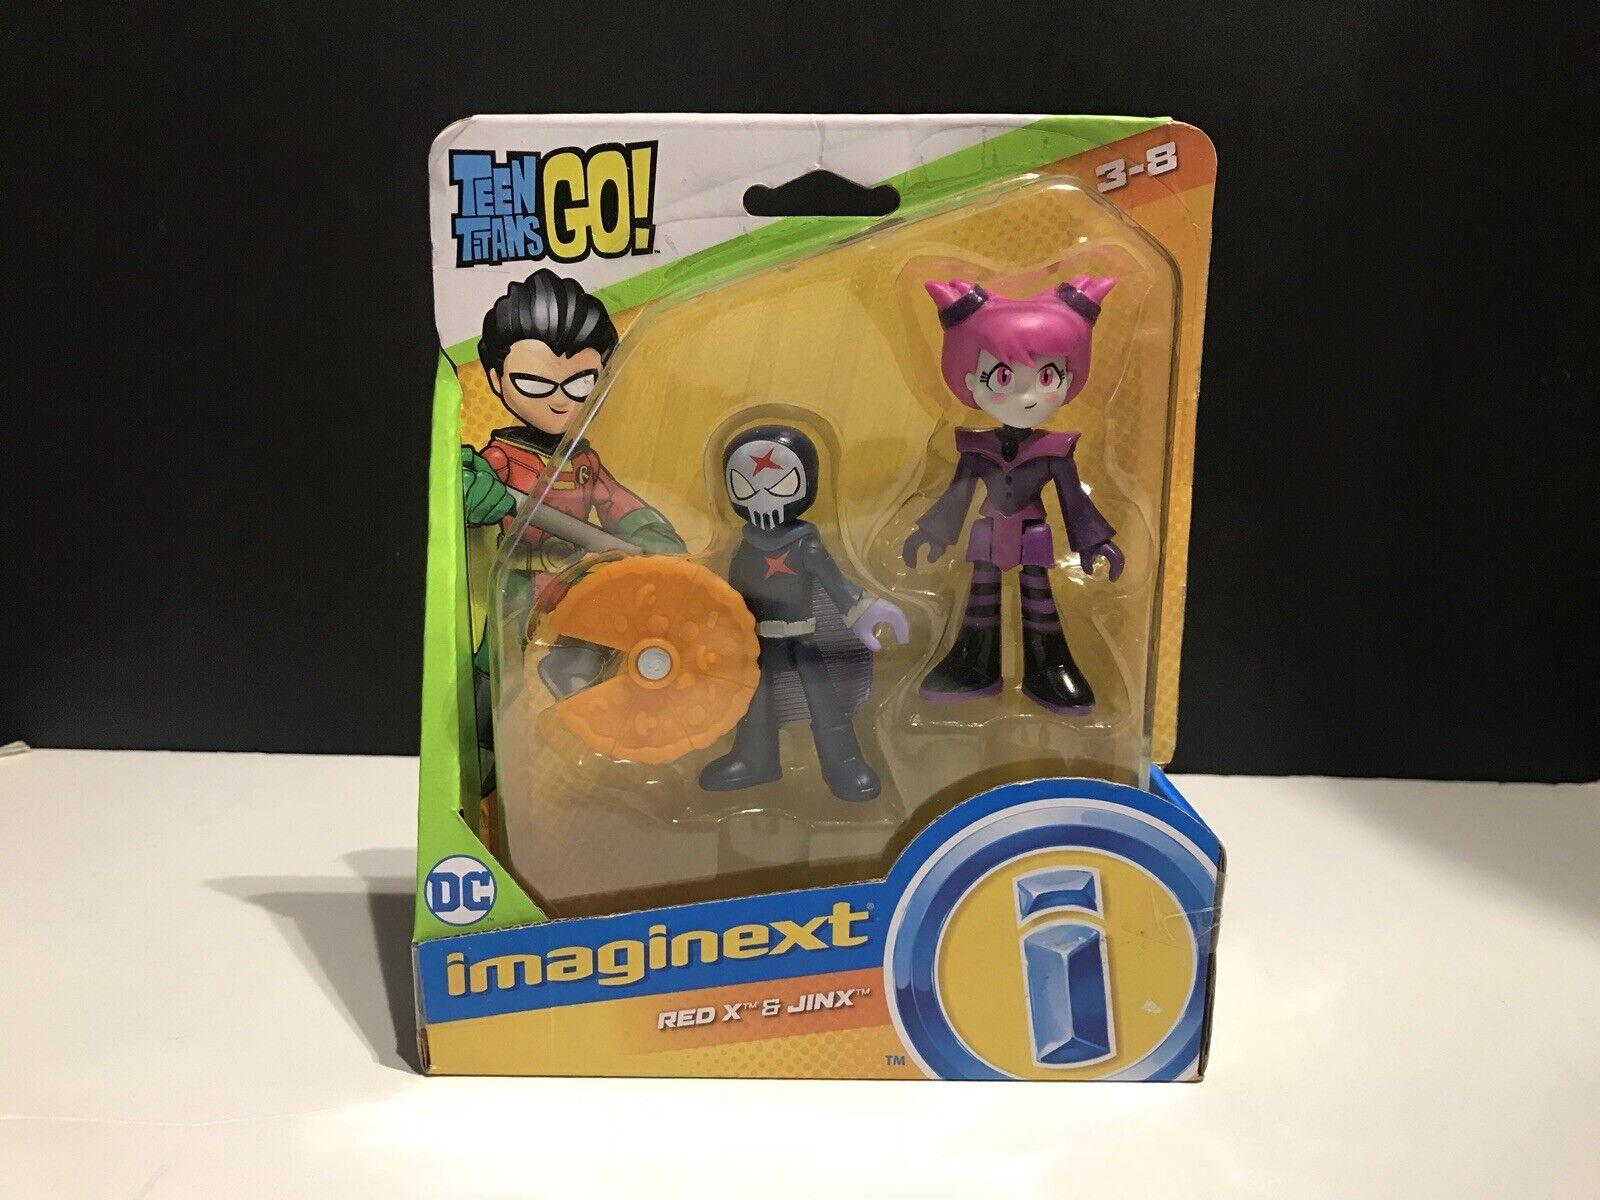 Rari nuovo pescatore prezzo Imaging Teen Titans Go rosso X e Jinx 2 cifra imballaggio